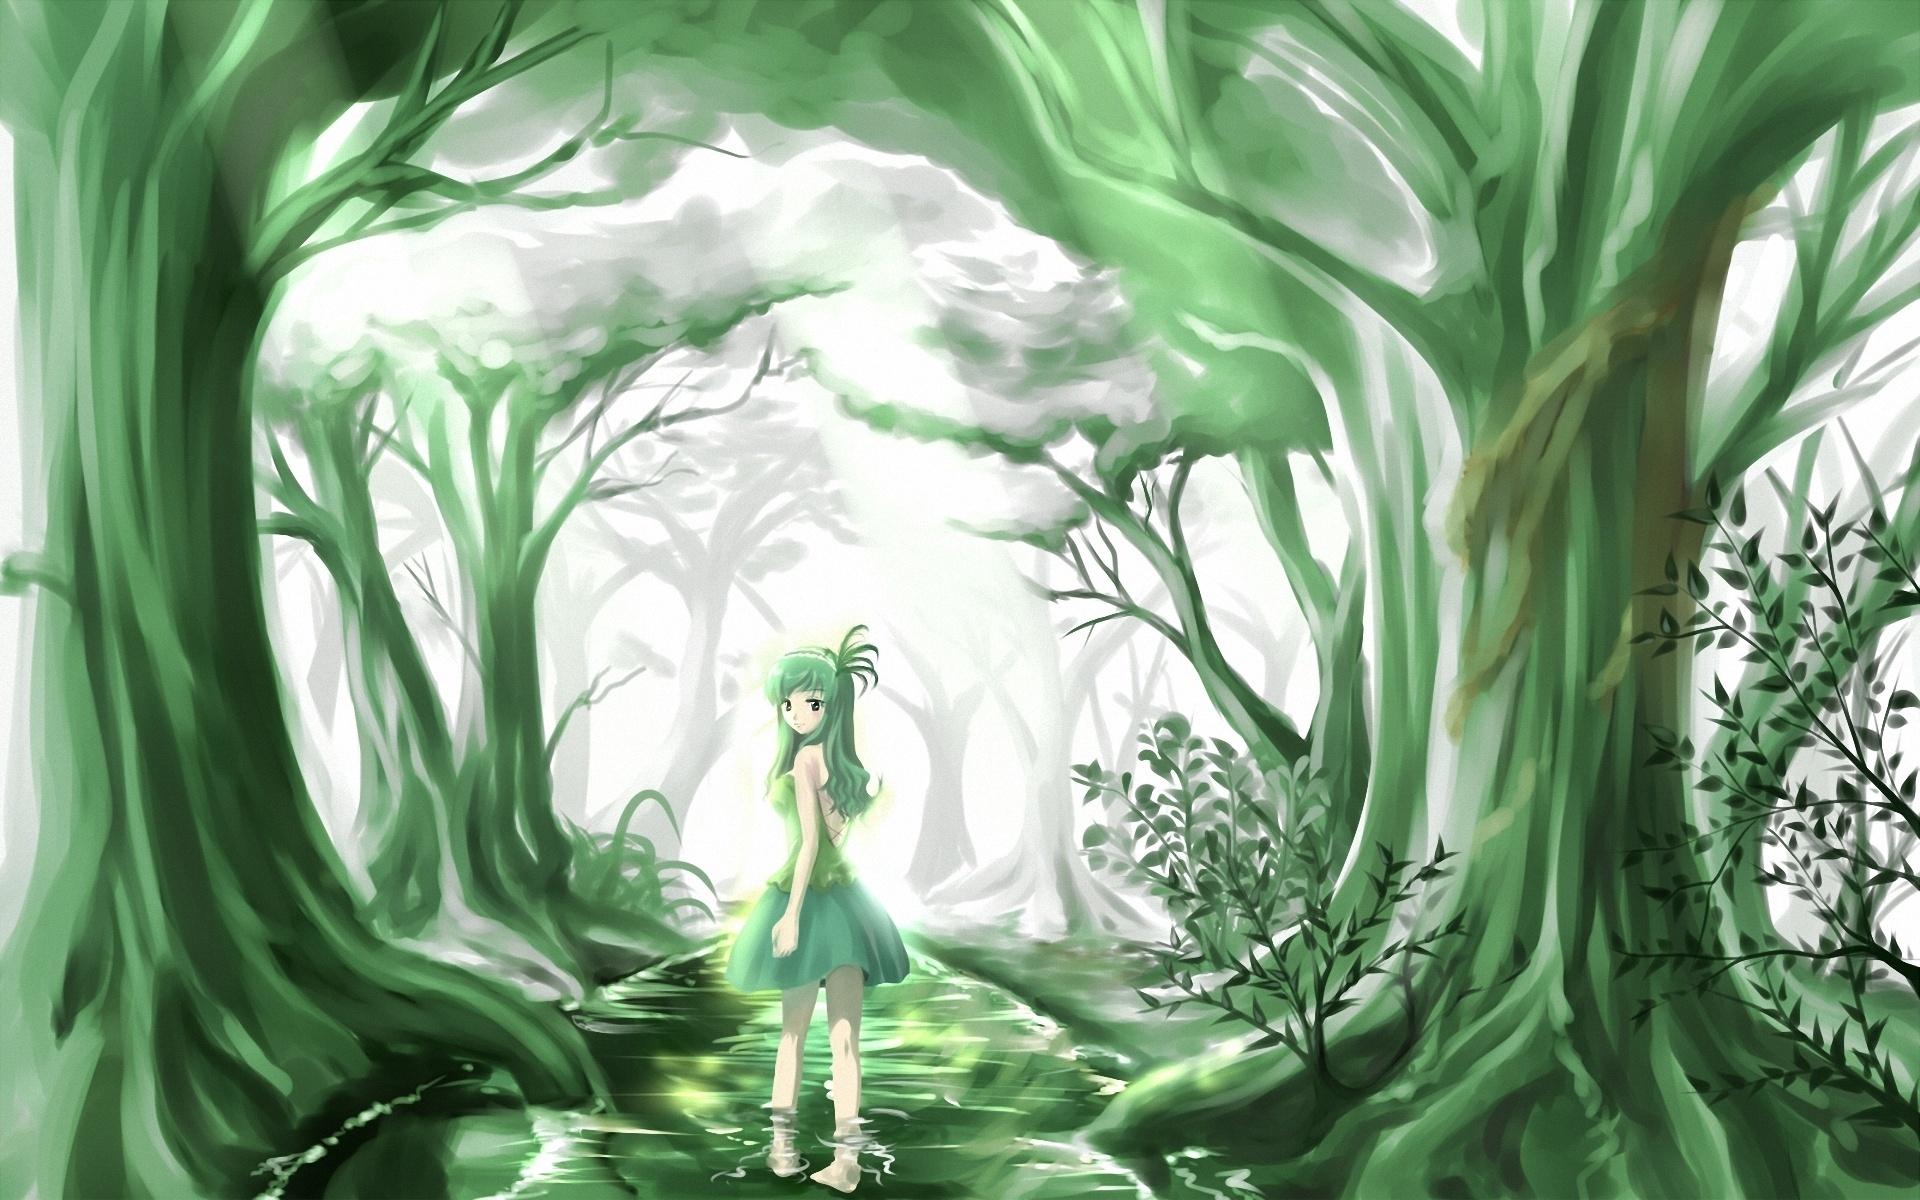 anime original trees forest artistic cute women girls wallpaper